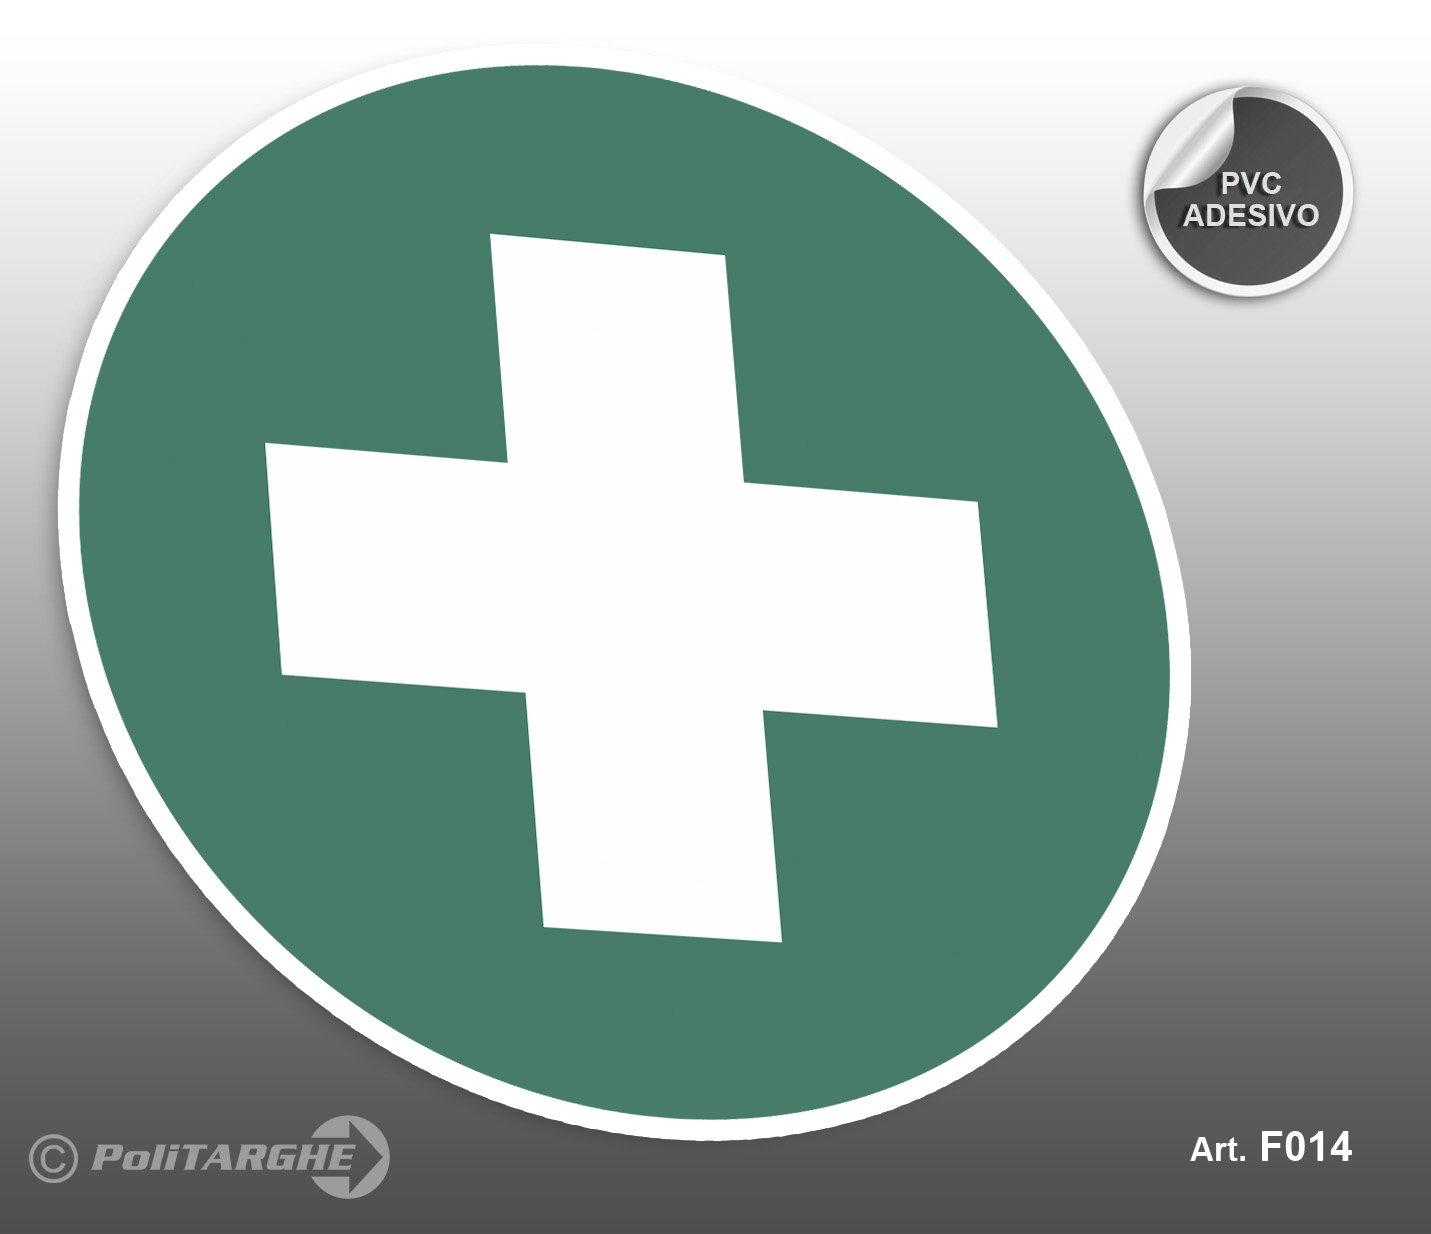 Cartel adhesivo de PVC Diámetro cm 12,5 Infermeria Primeros ...